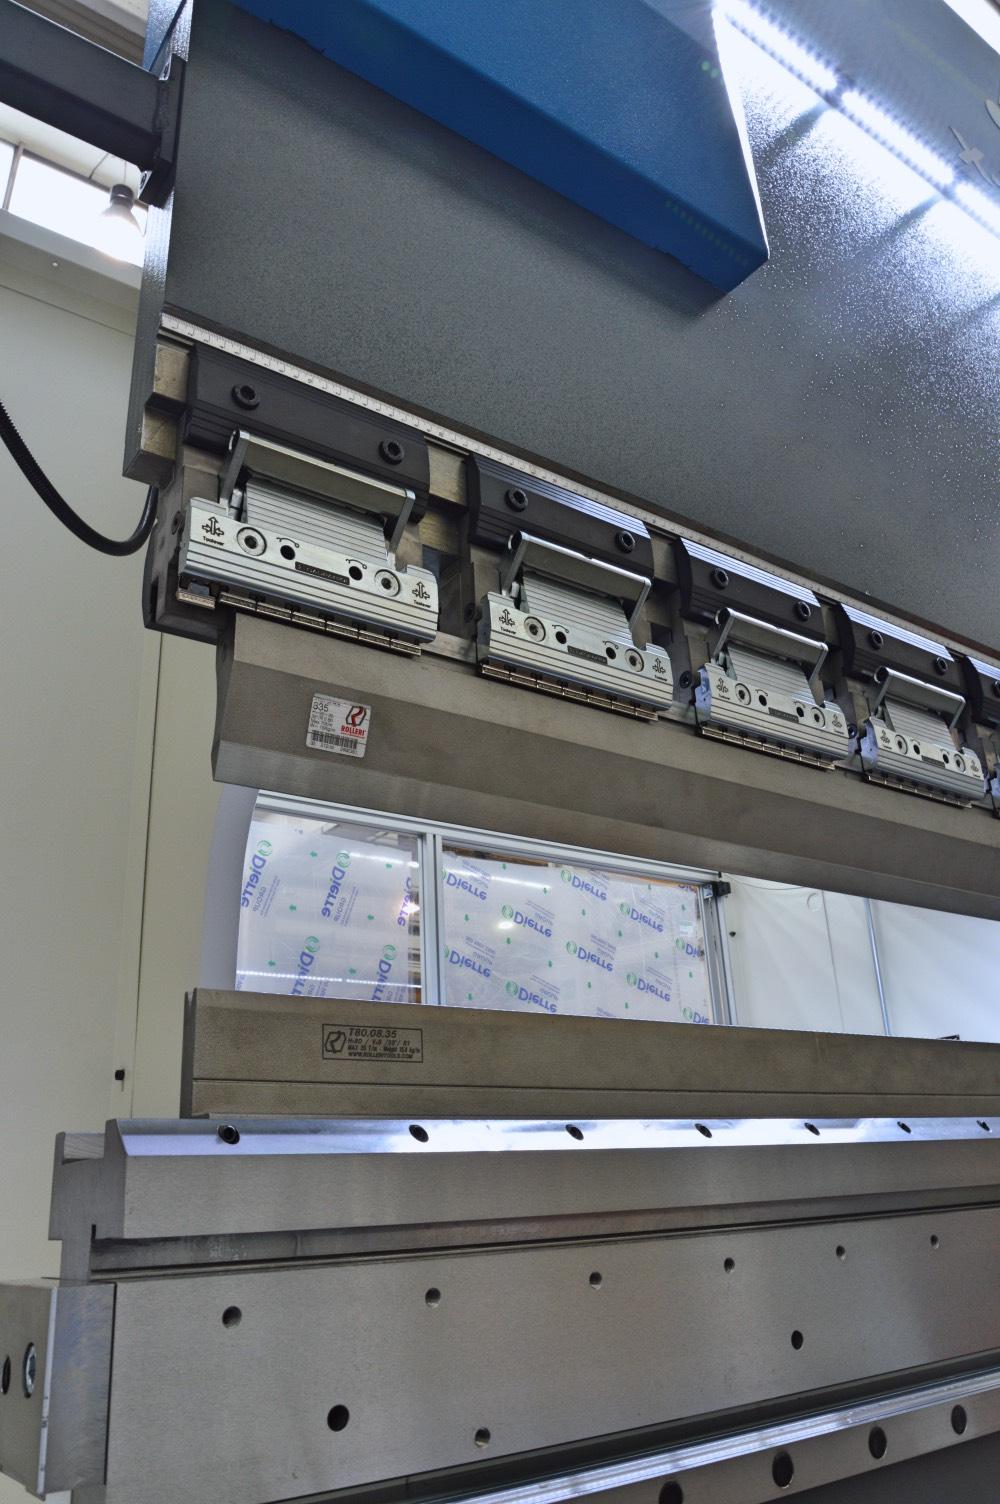 hemming bench tool clamping press brake